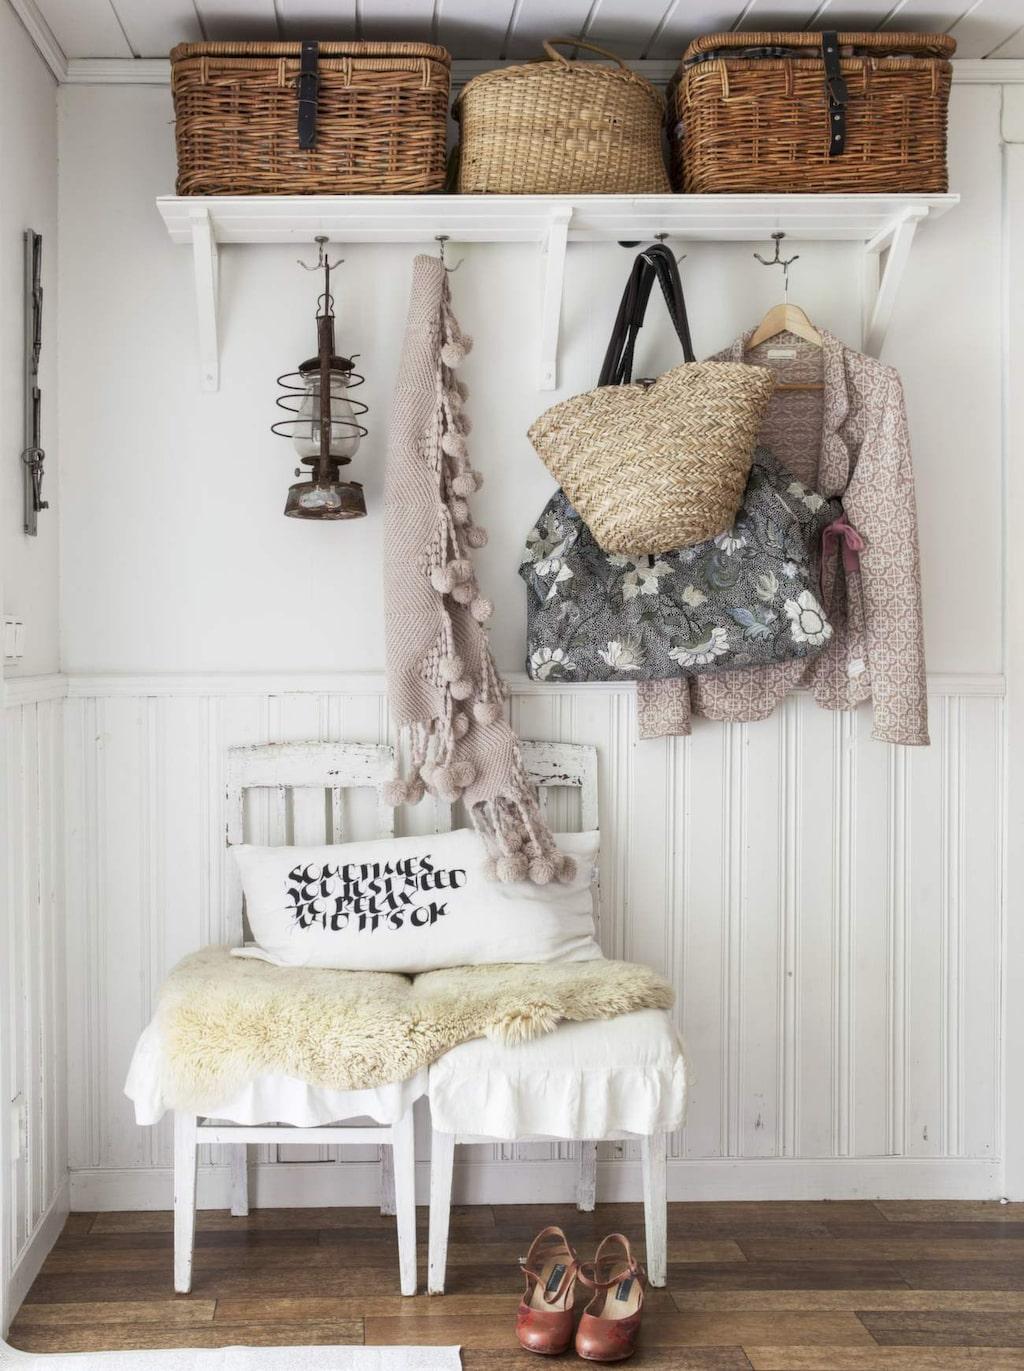 <p>Låt din inredningsstil gälla även i hallen. Här lantligt romantiskt med rustika korgar, väggpanel, gamla stolar och fårskinn. <br></p>